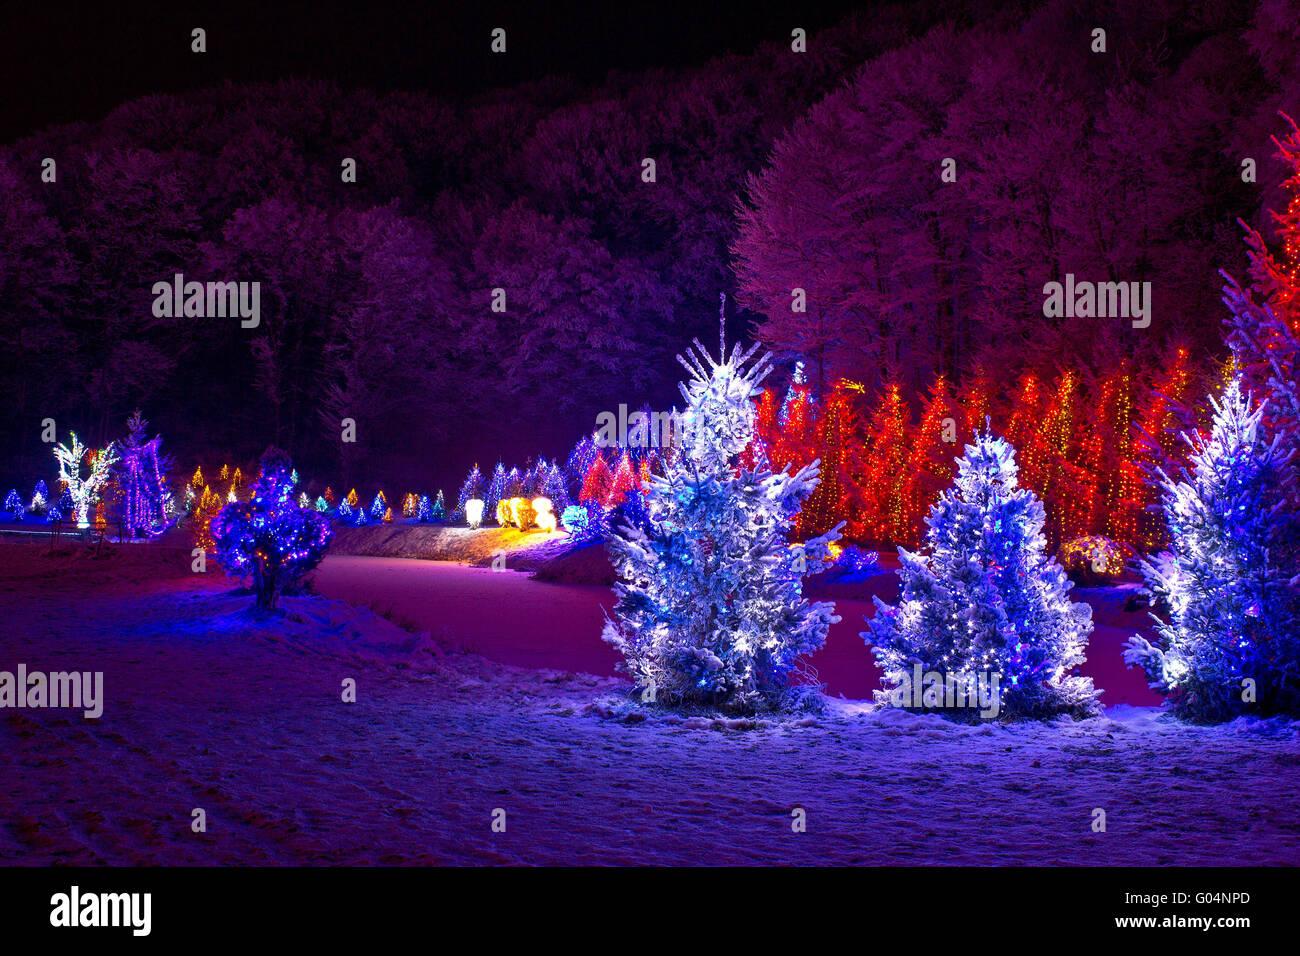 Weihnachten Mit Fantasy.Weihnachten Fantasy Kiefern In X Mas Lichter Stockfoto Bild